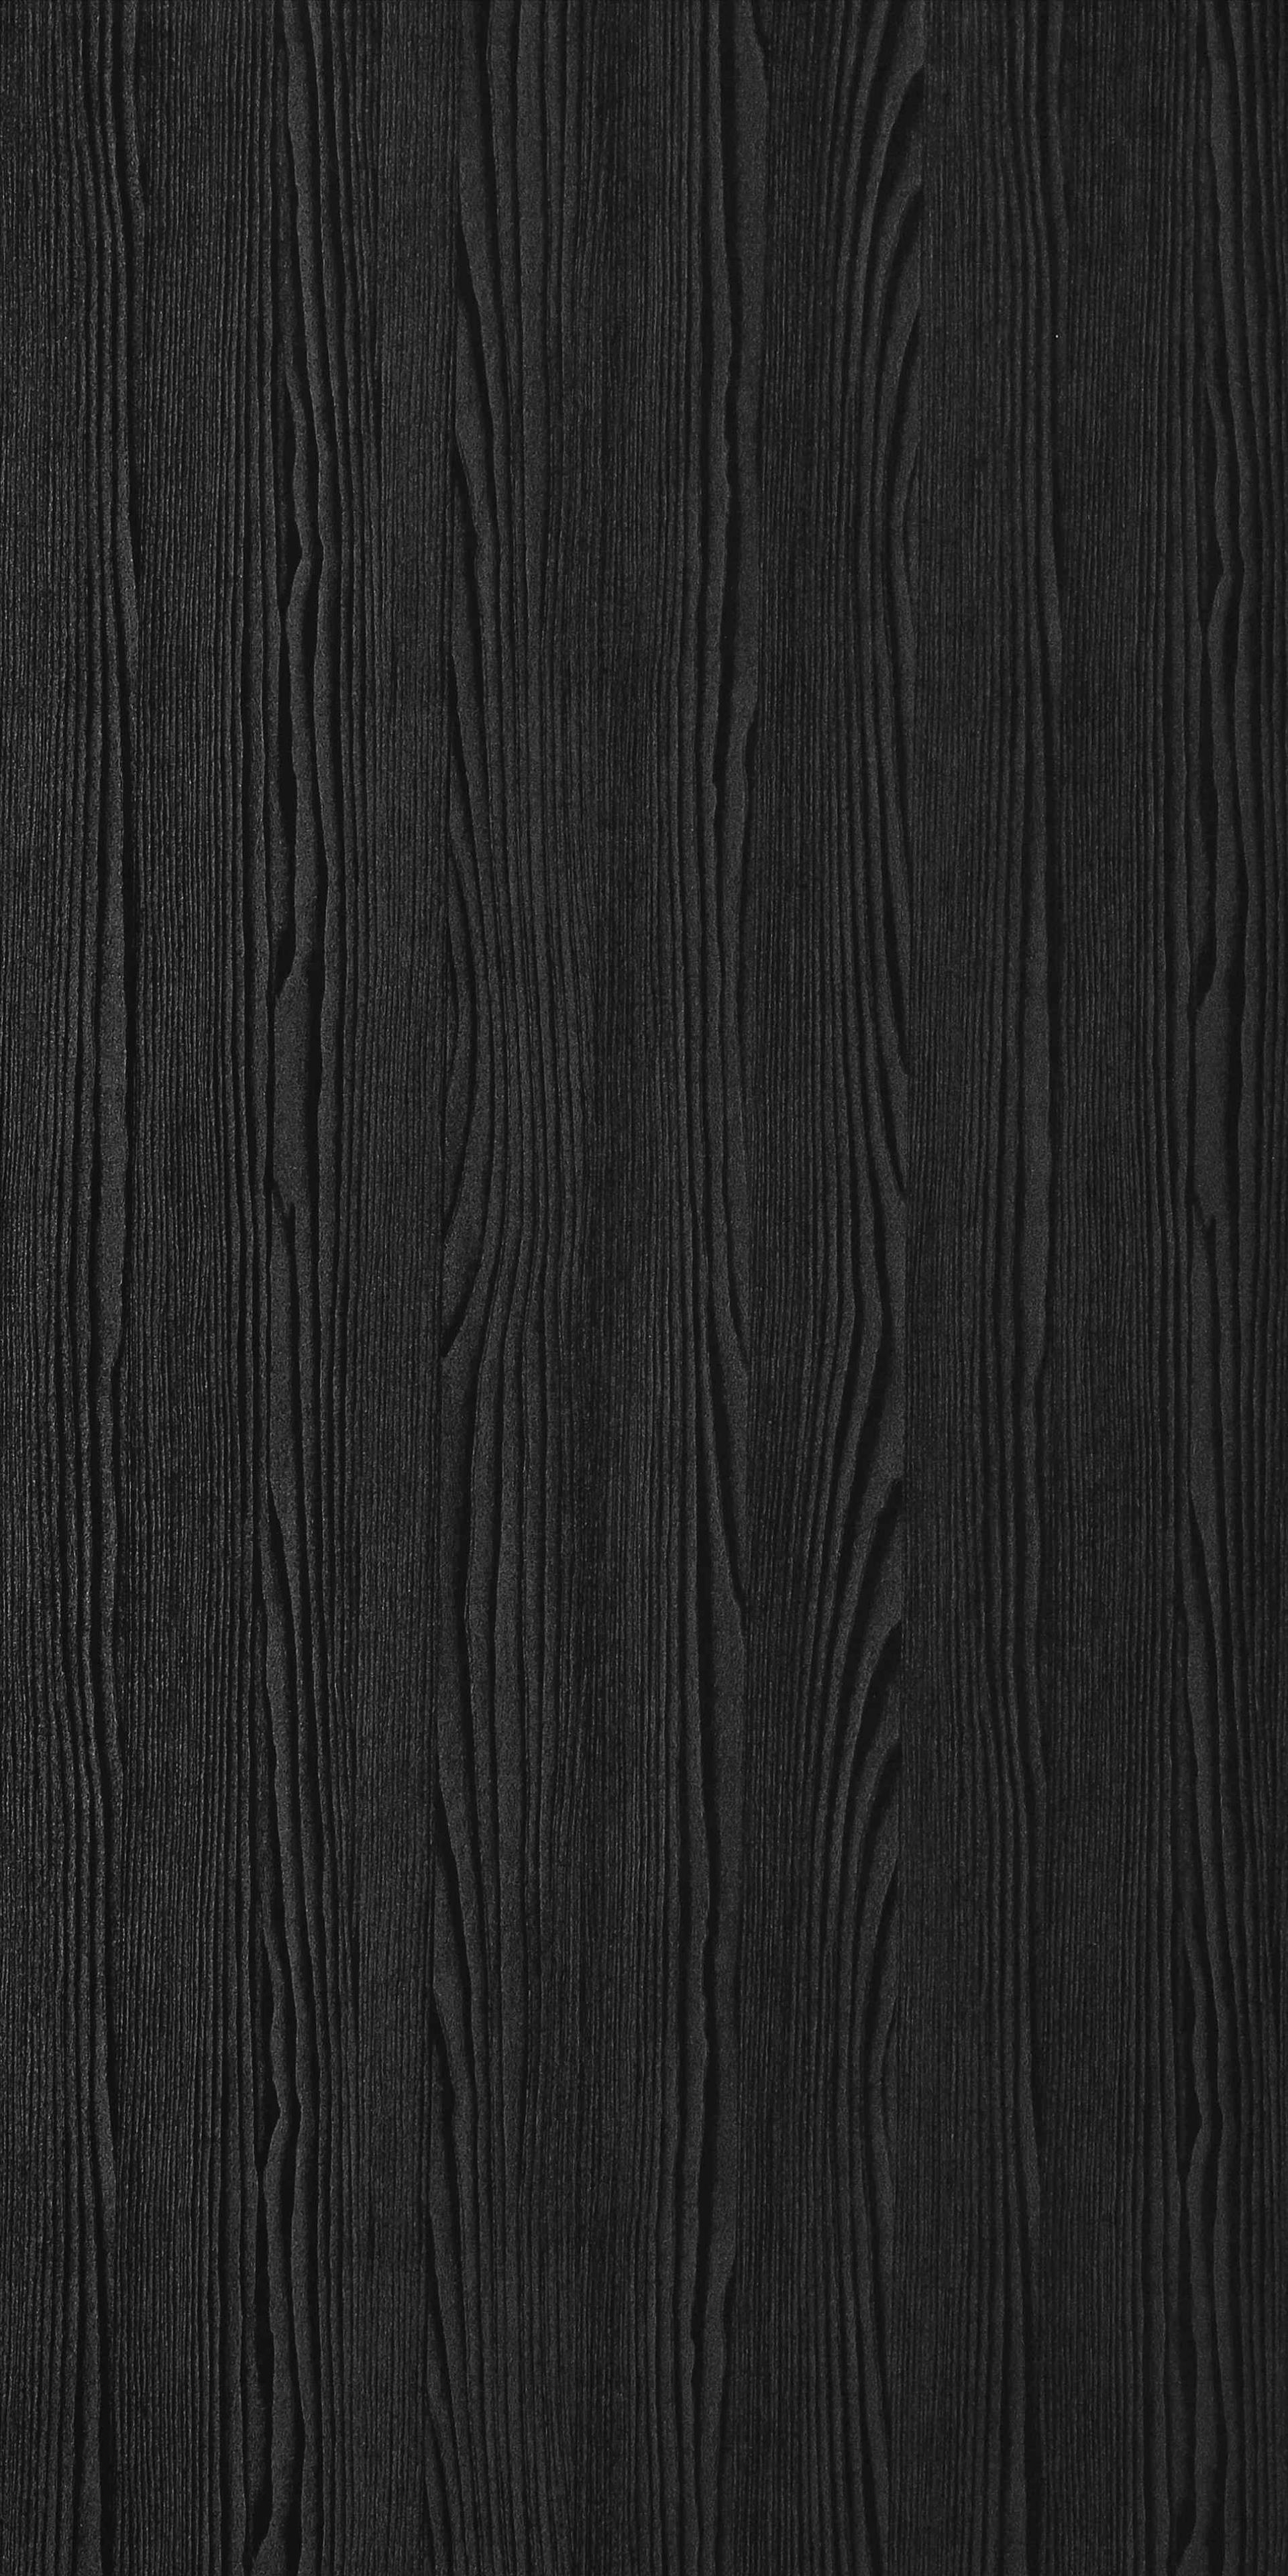 Amoled Texture Wallpaper Black Wood Texture Wood Texture Seamless Veneer Texture